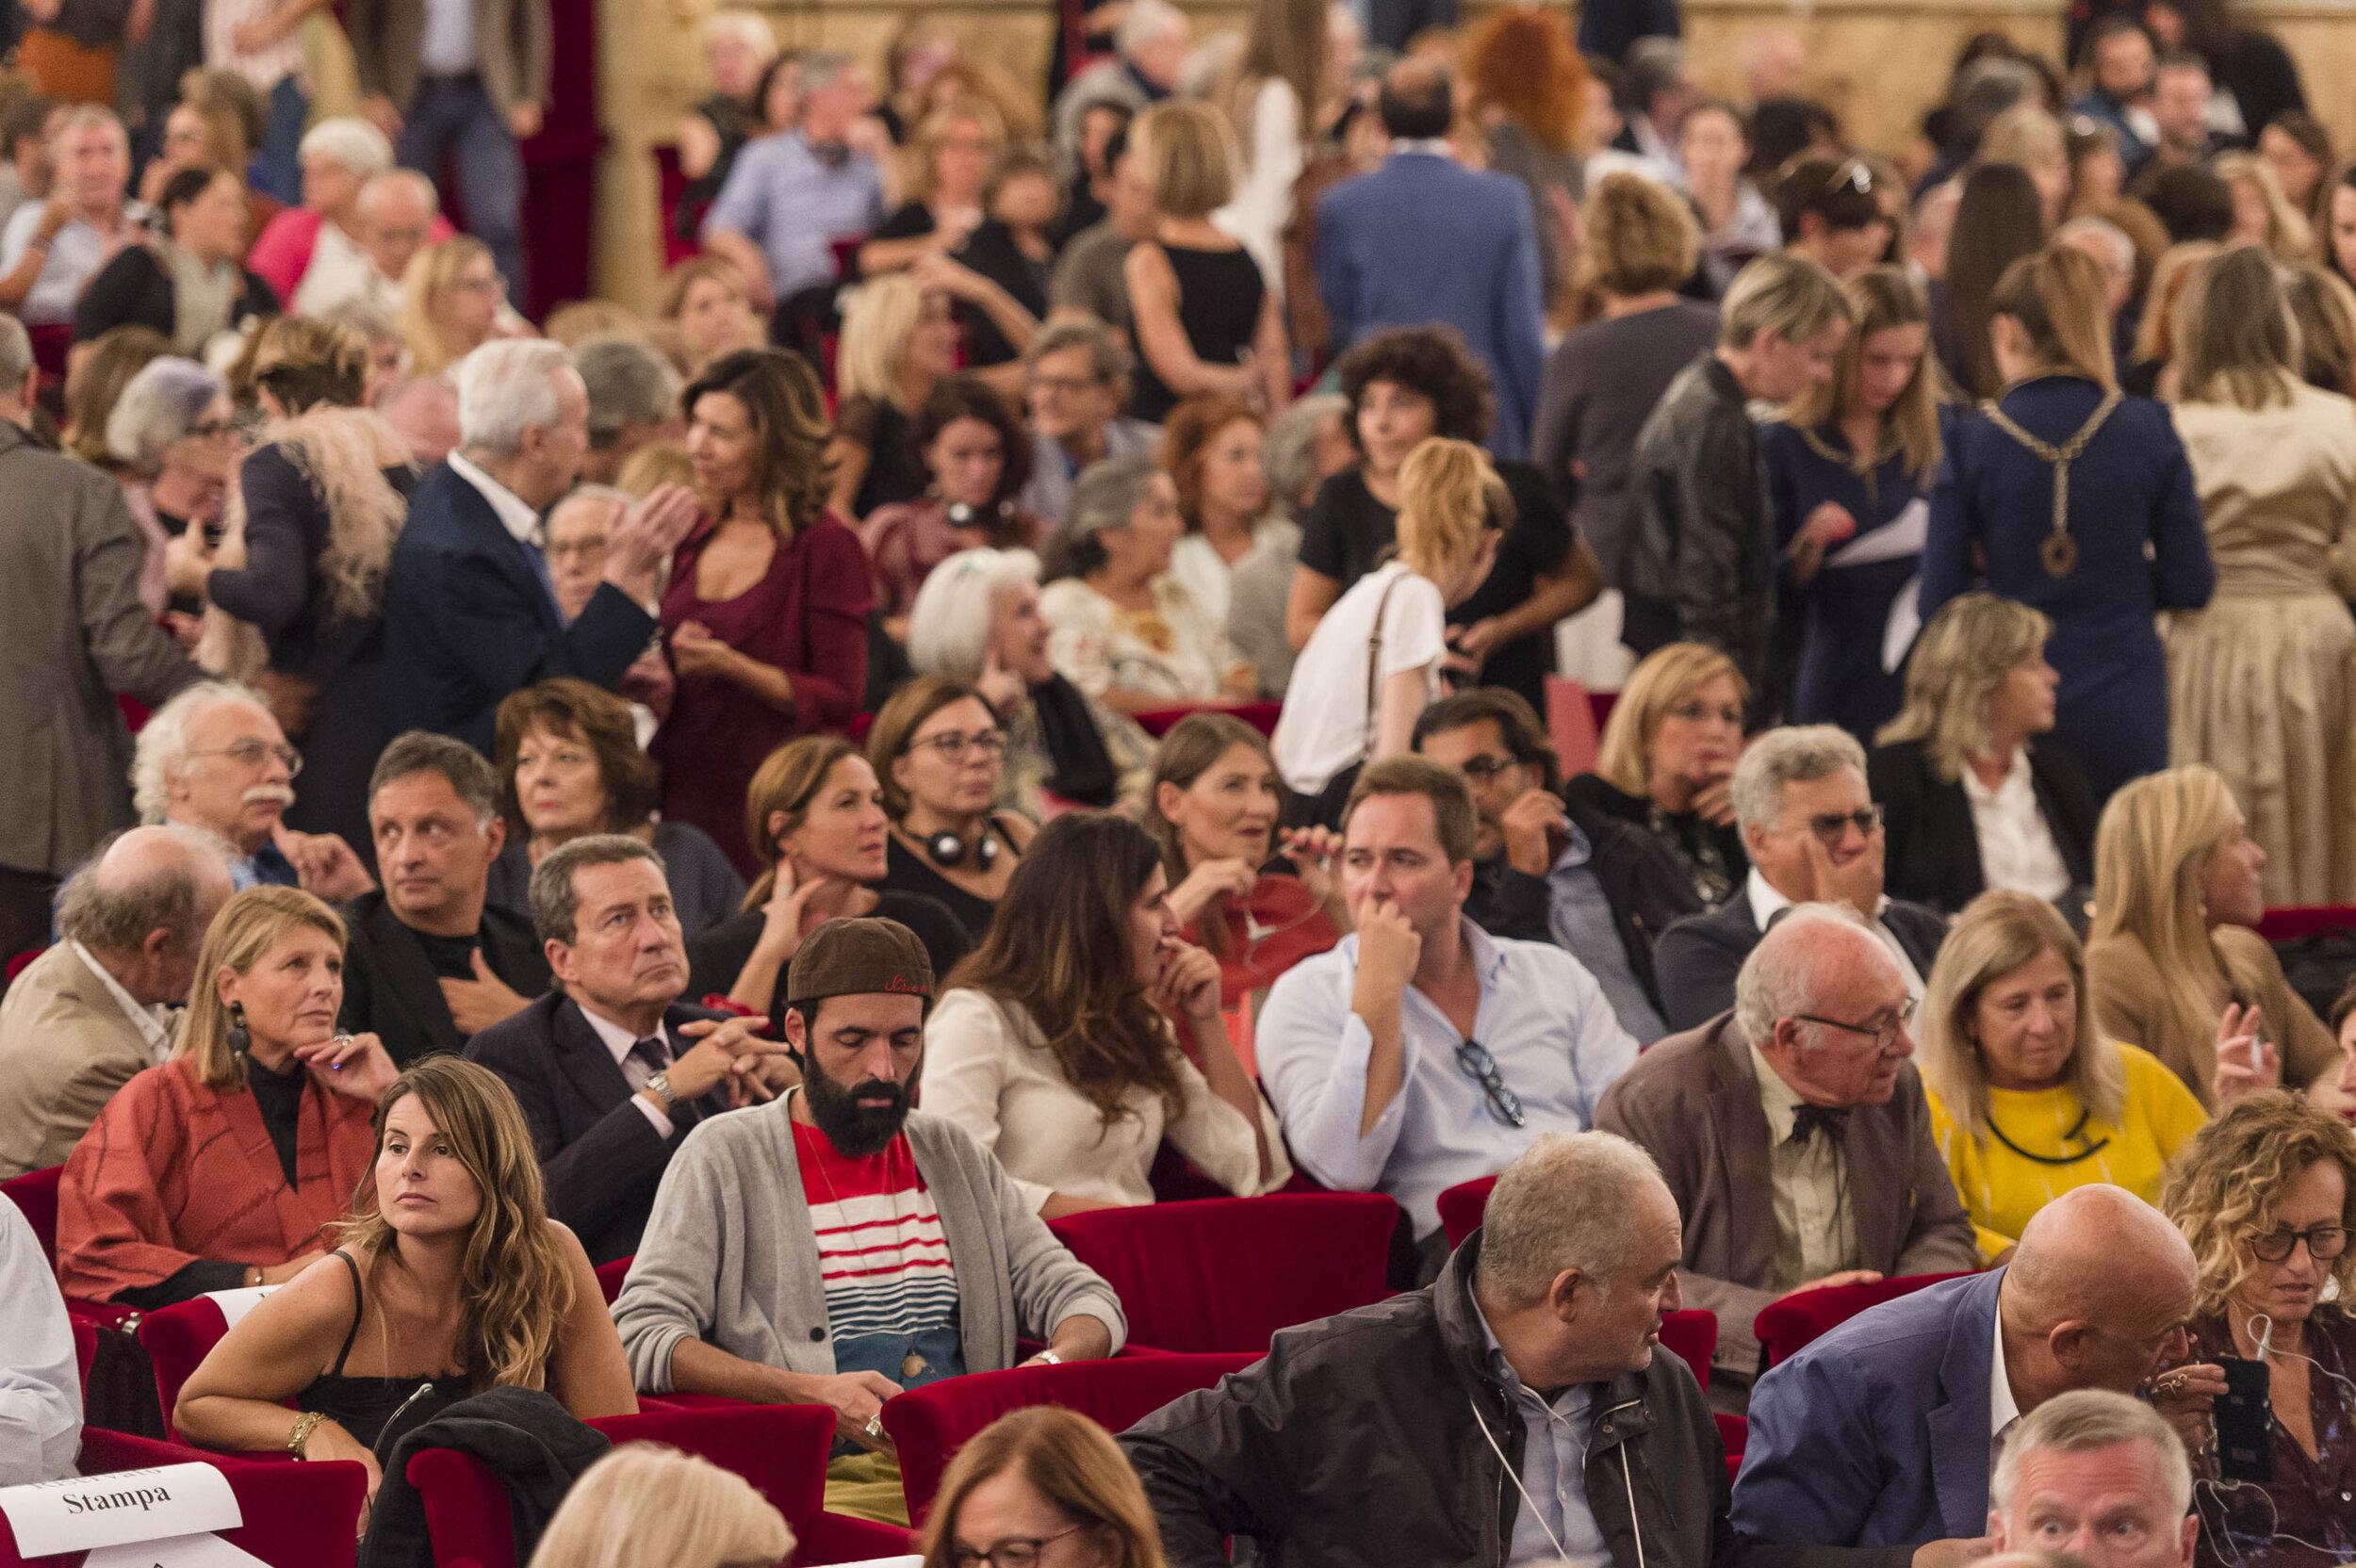 Artecinema 2019_ph Francesco Squeglia_8596.jpg